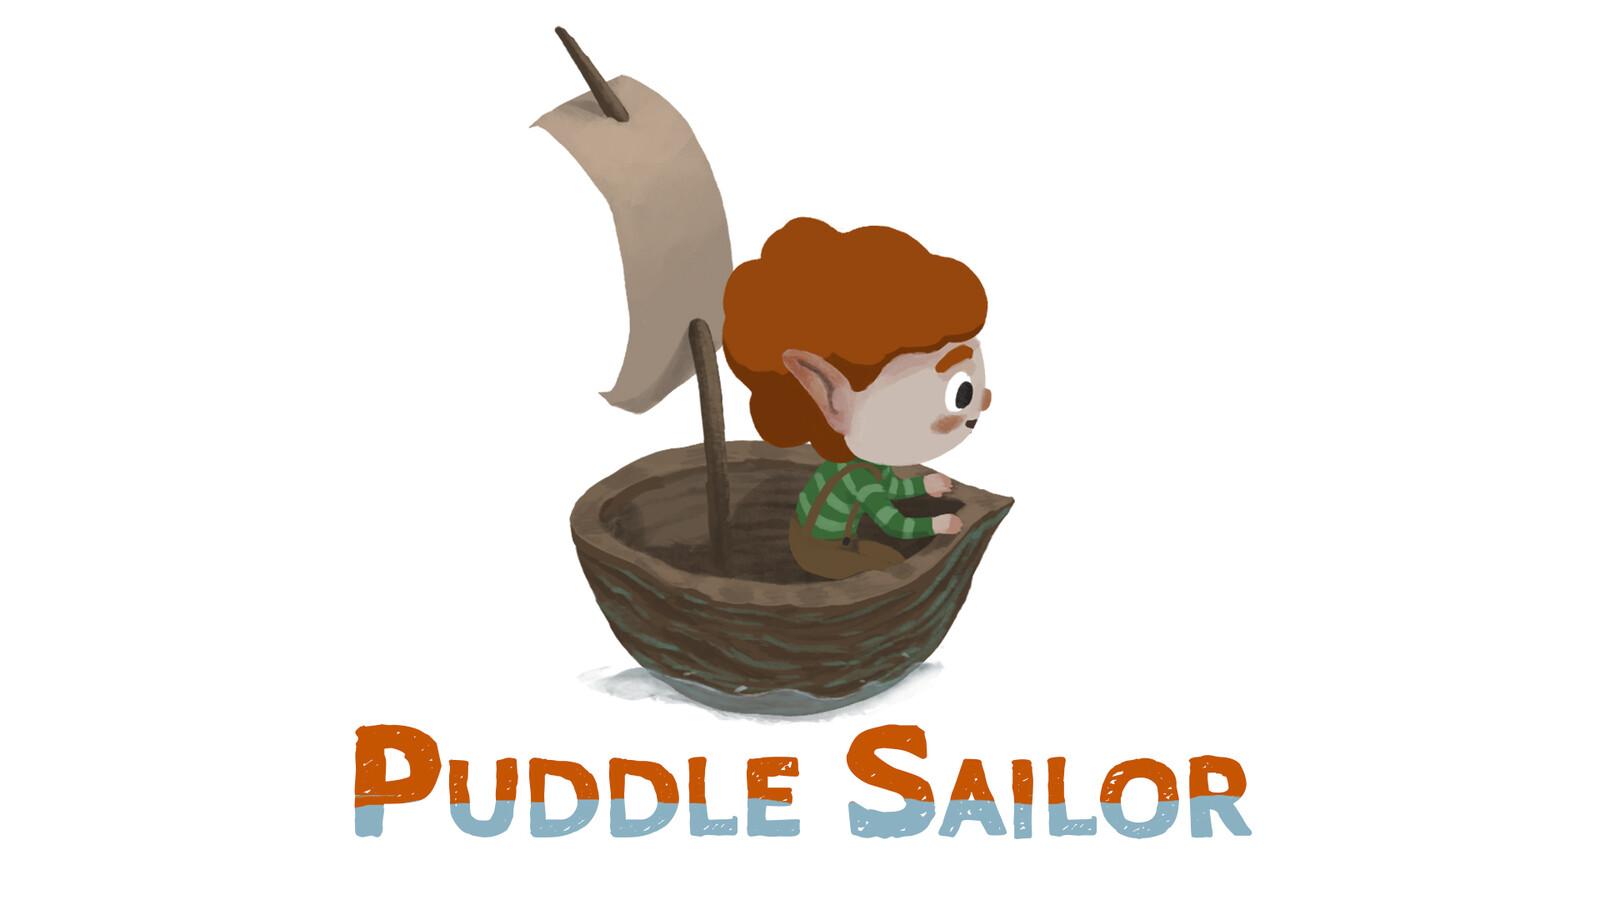 Puddle Sailor 2D art